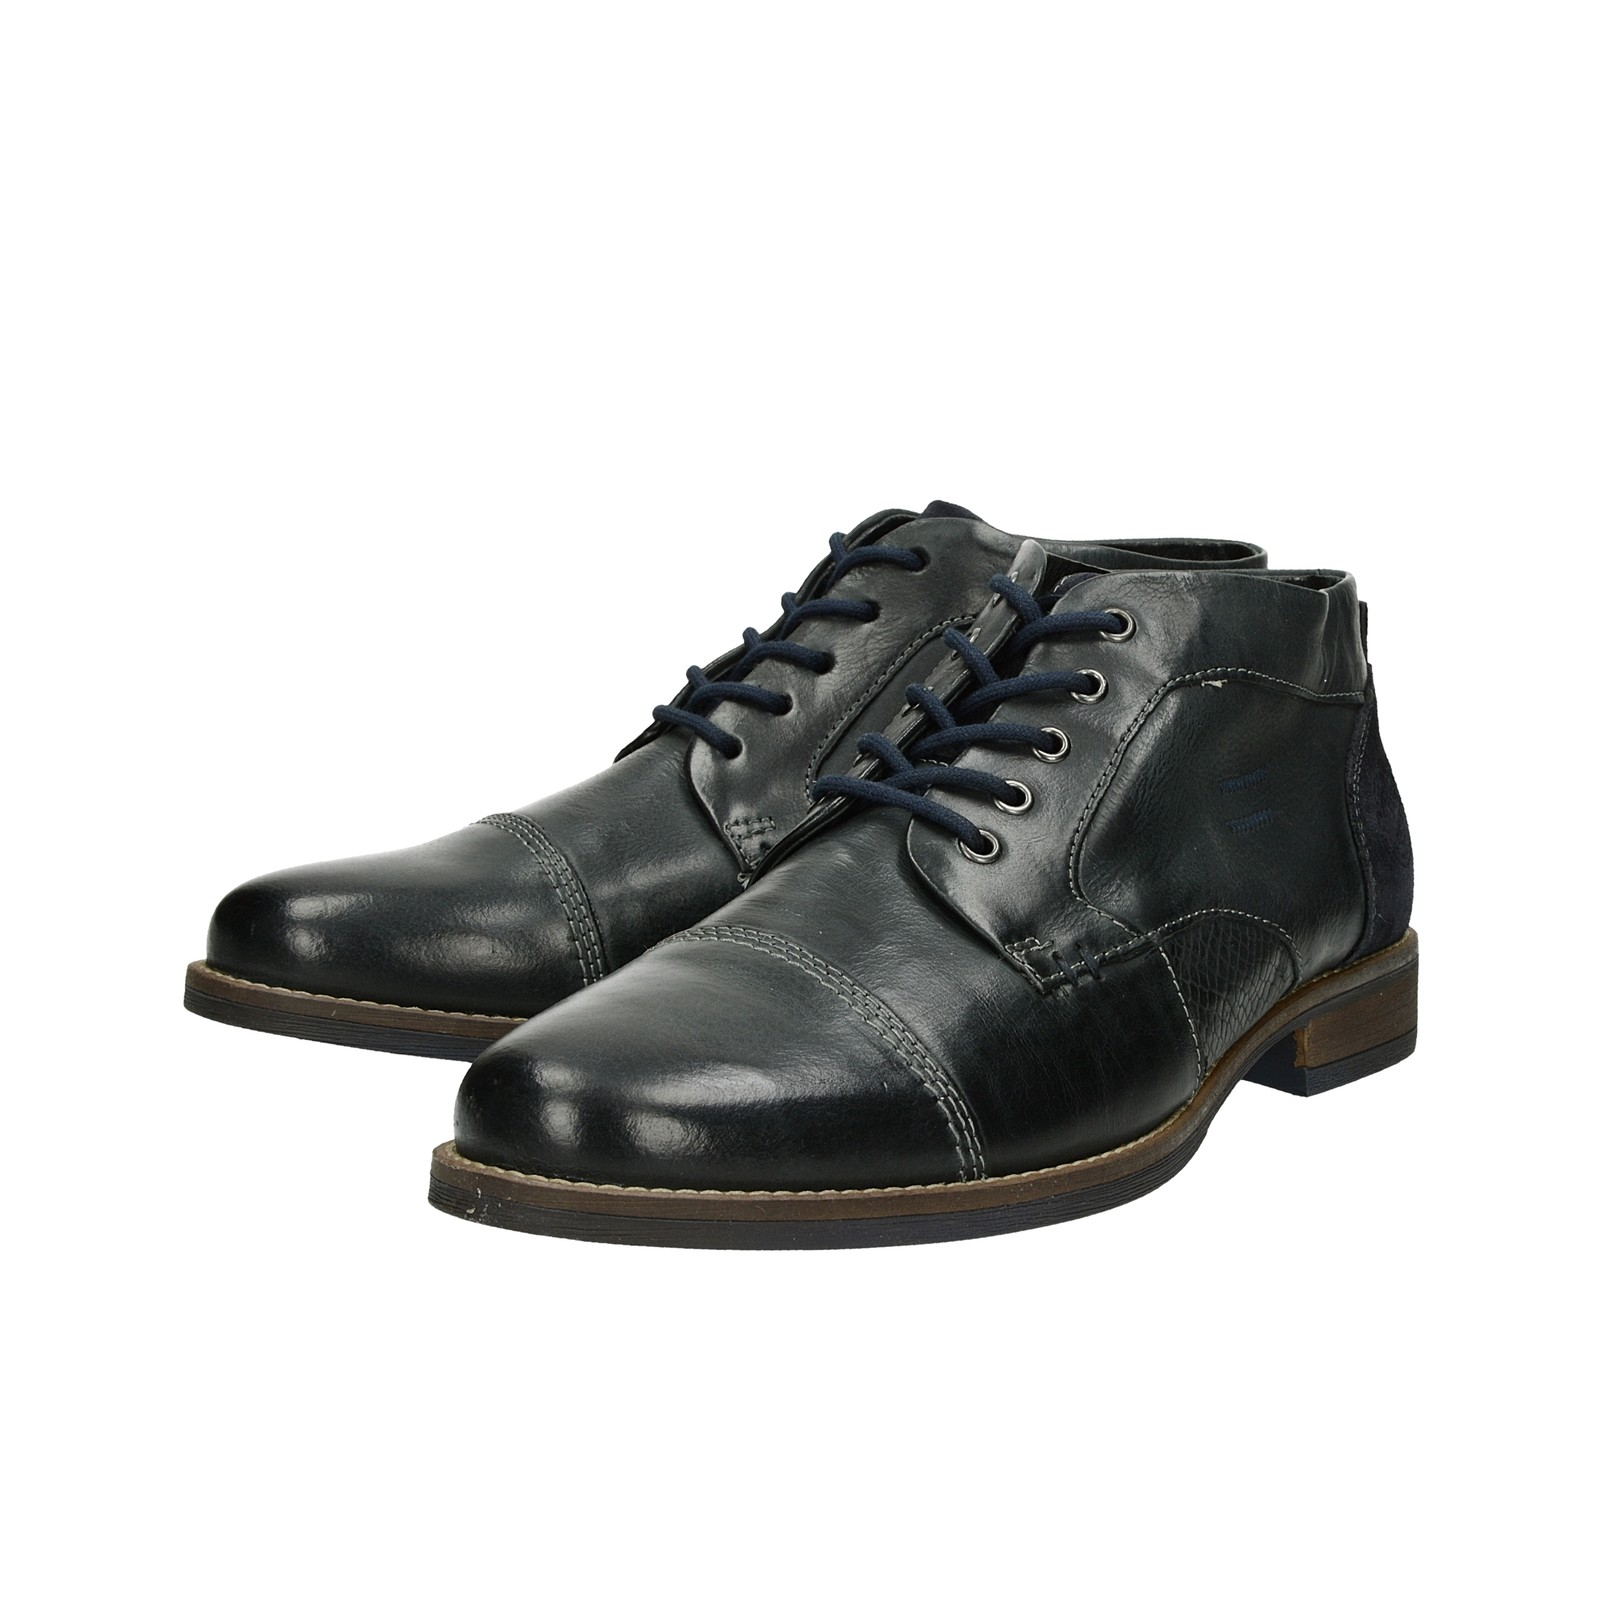 1f0865101e7b ... Klondike pánska kožená členková obuv - tmavomodrá ...